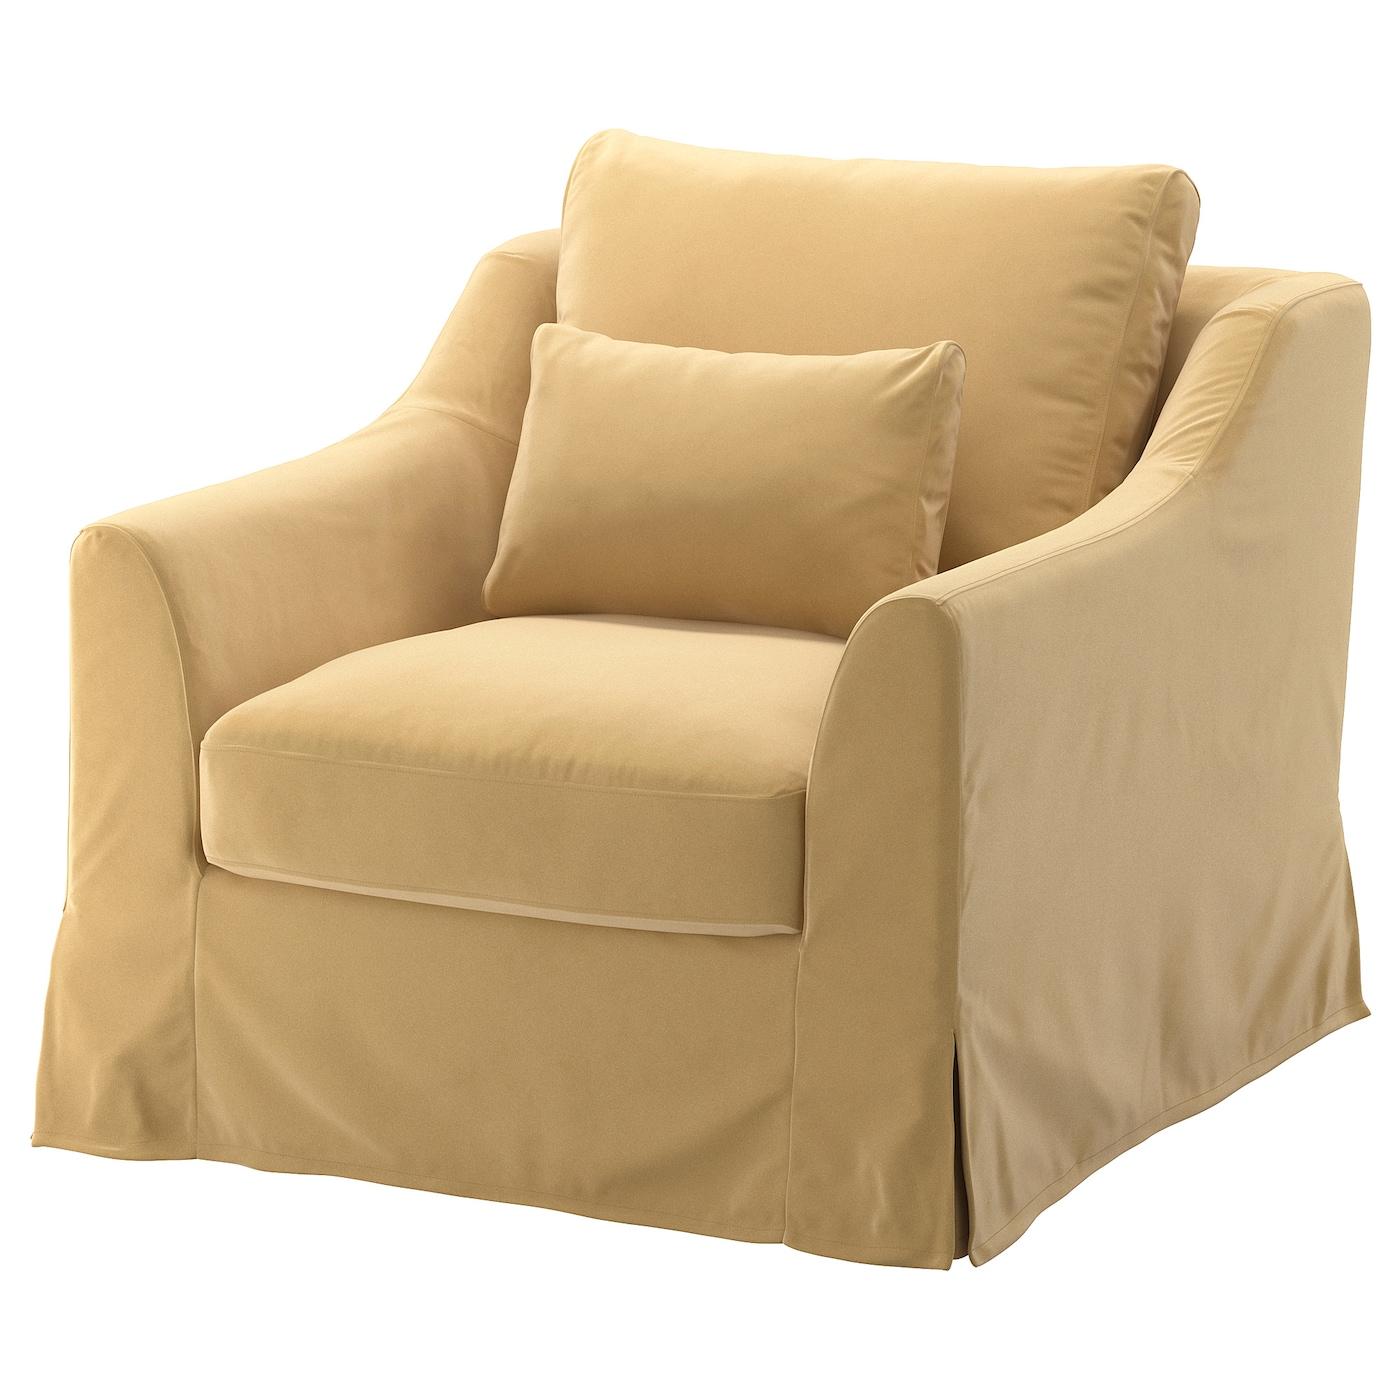 IKEA FÄRLÖV Fotel, Djuparp żółtobeżowy